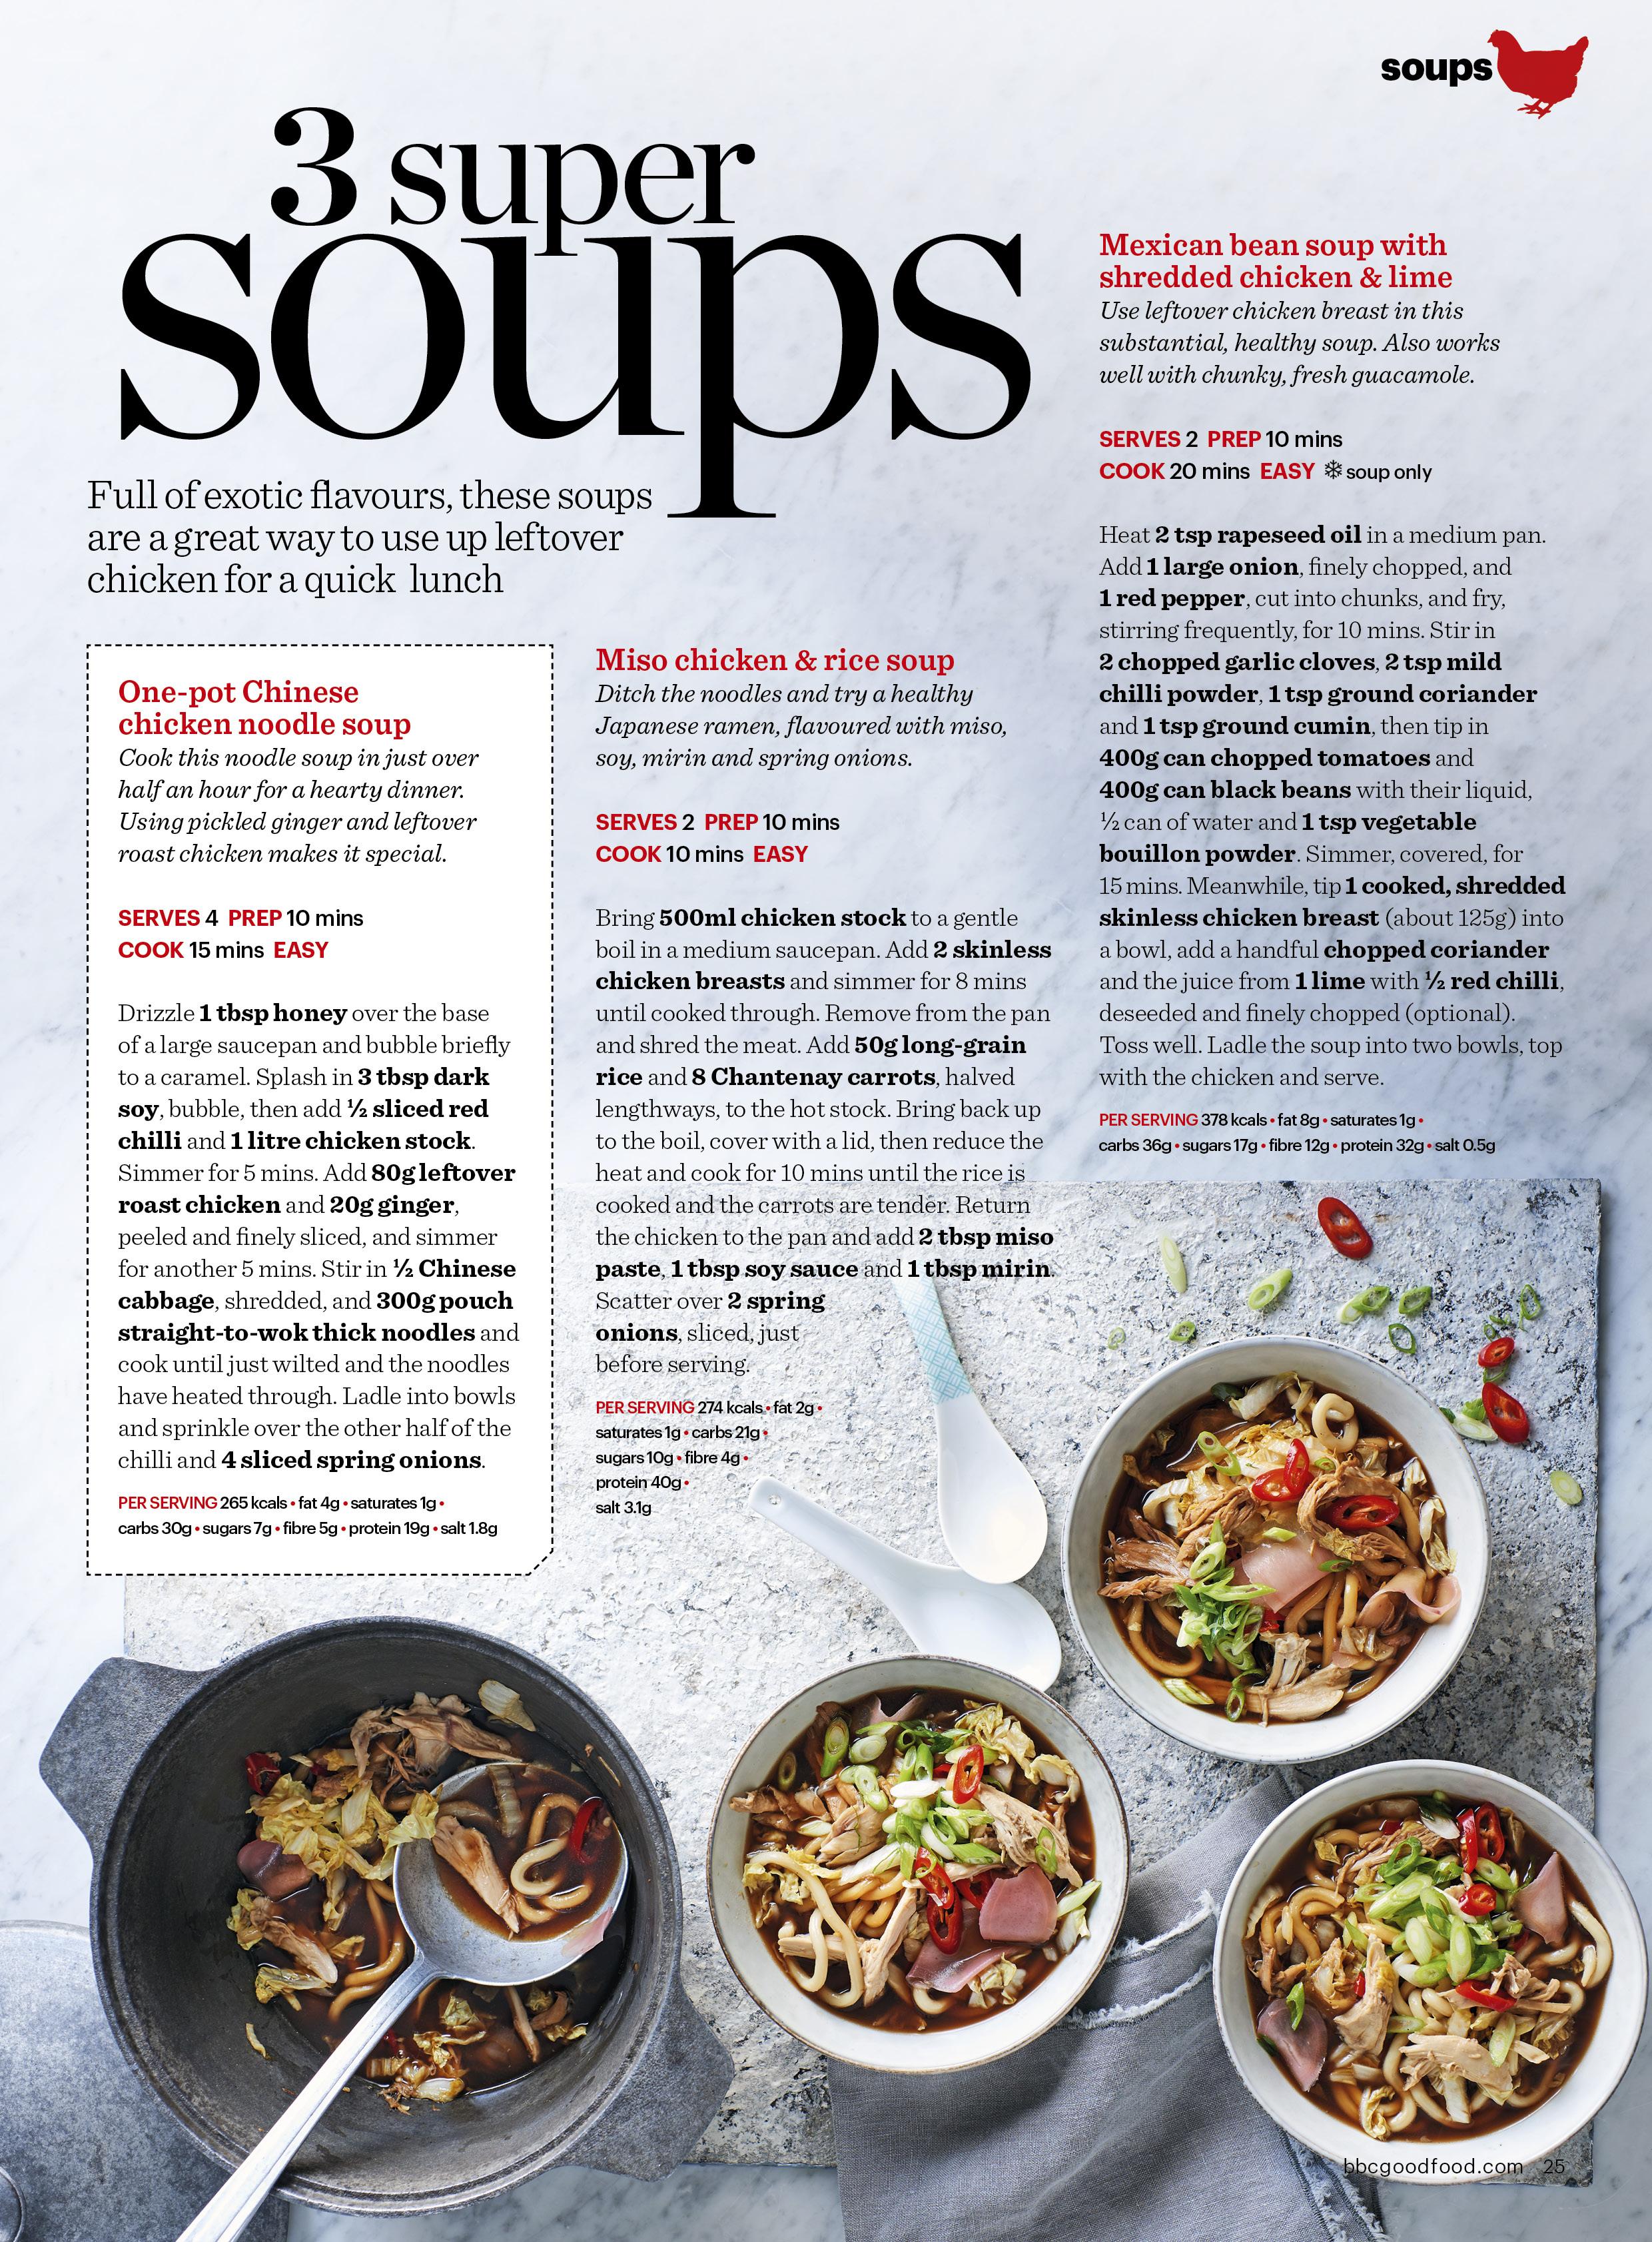 BBC Good Food's Chicken Cookbook